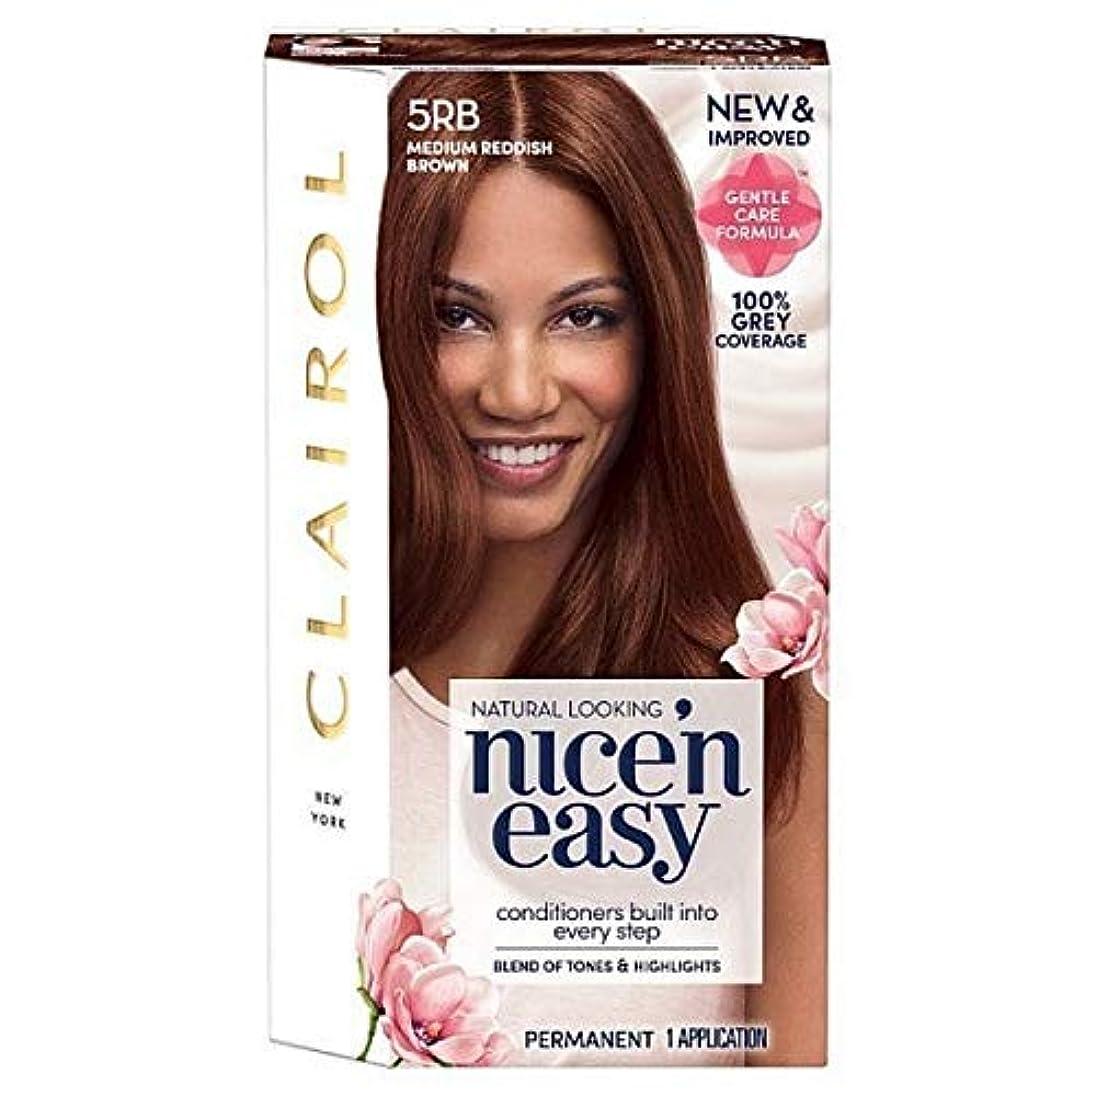 統治可能メカニックツール[Nice'n Easy] 簡単5Rb中赤褐色Nice'N - Nice'n Easy 5Rb Medium Reddish Brown [並行輸入品]